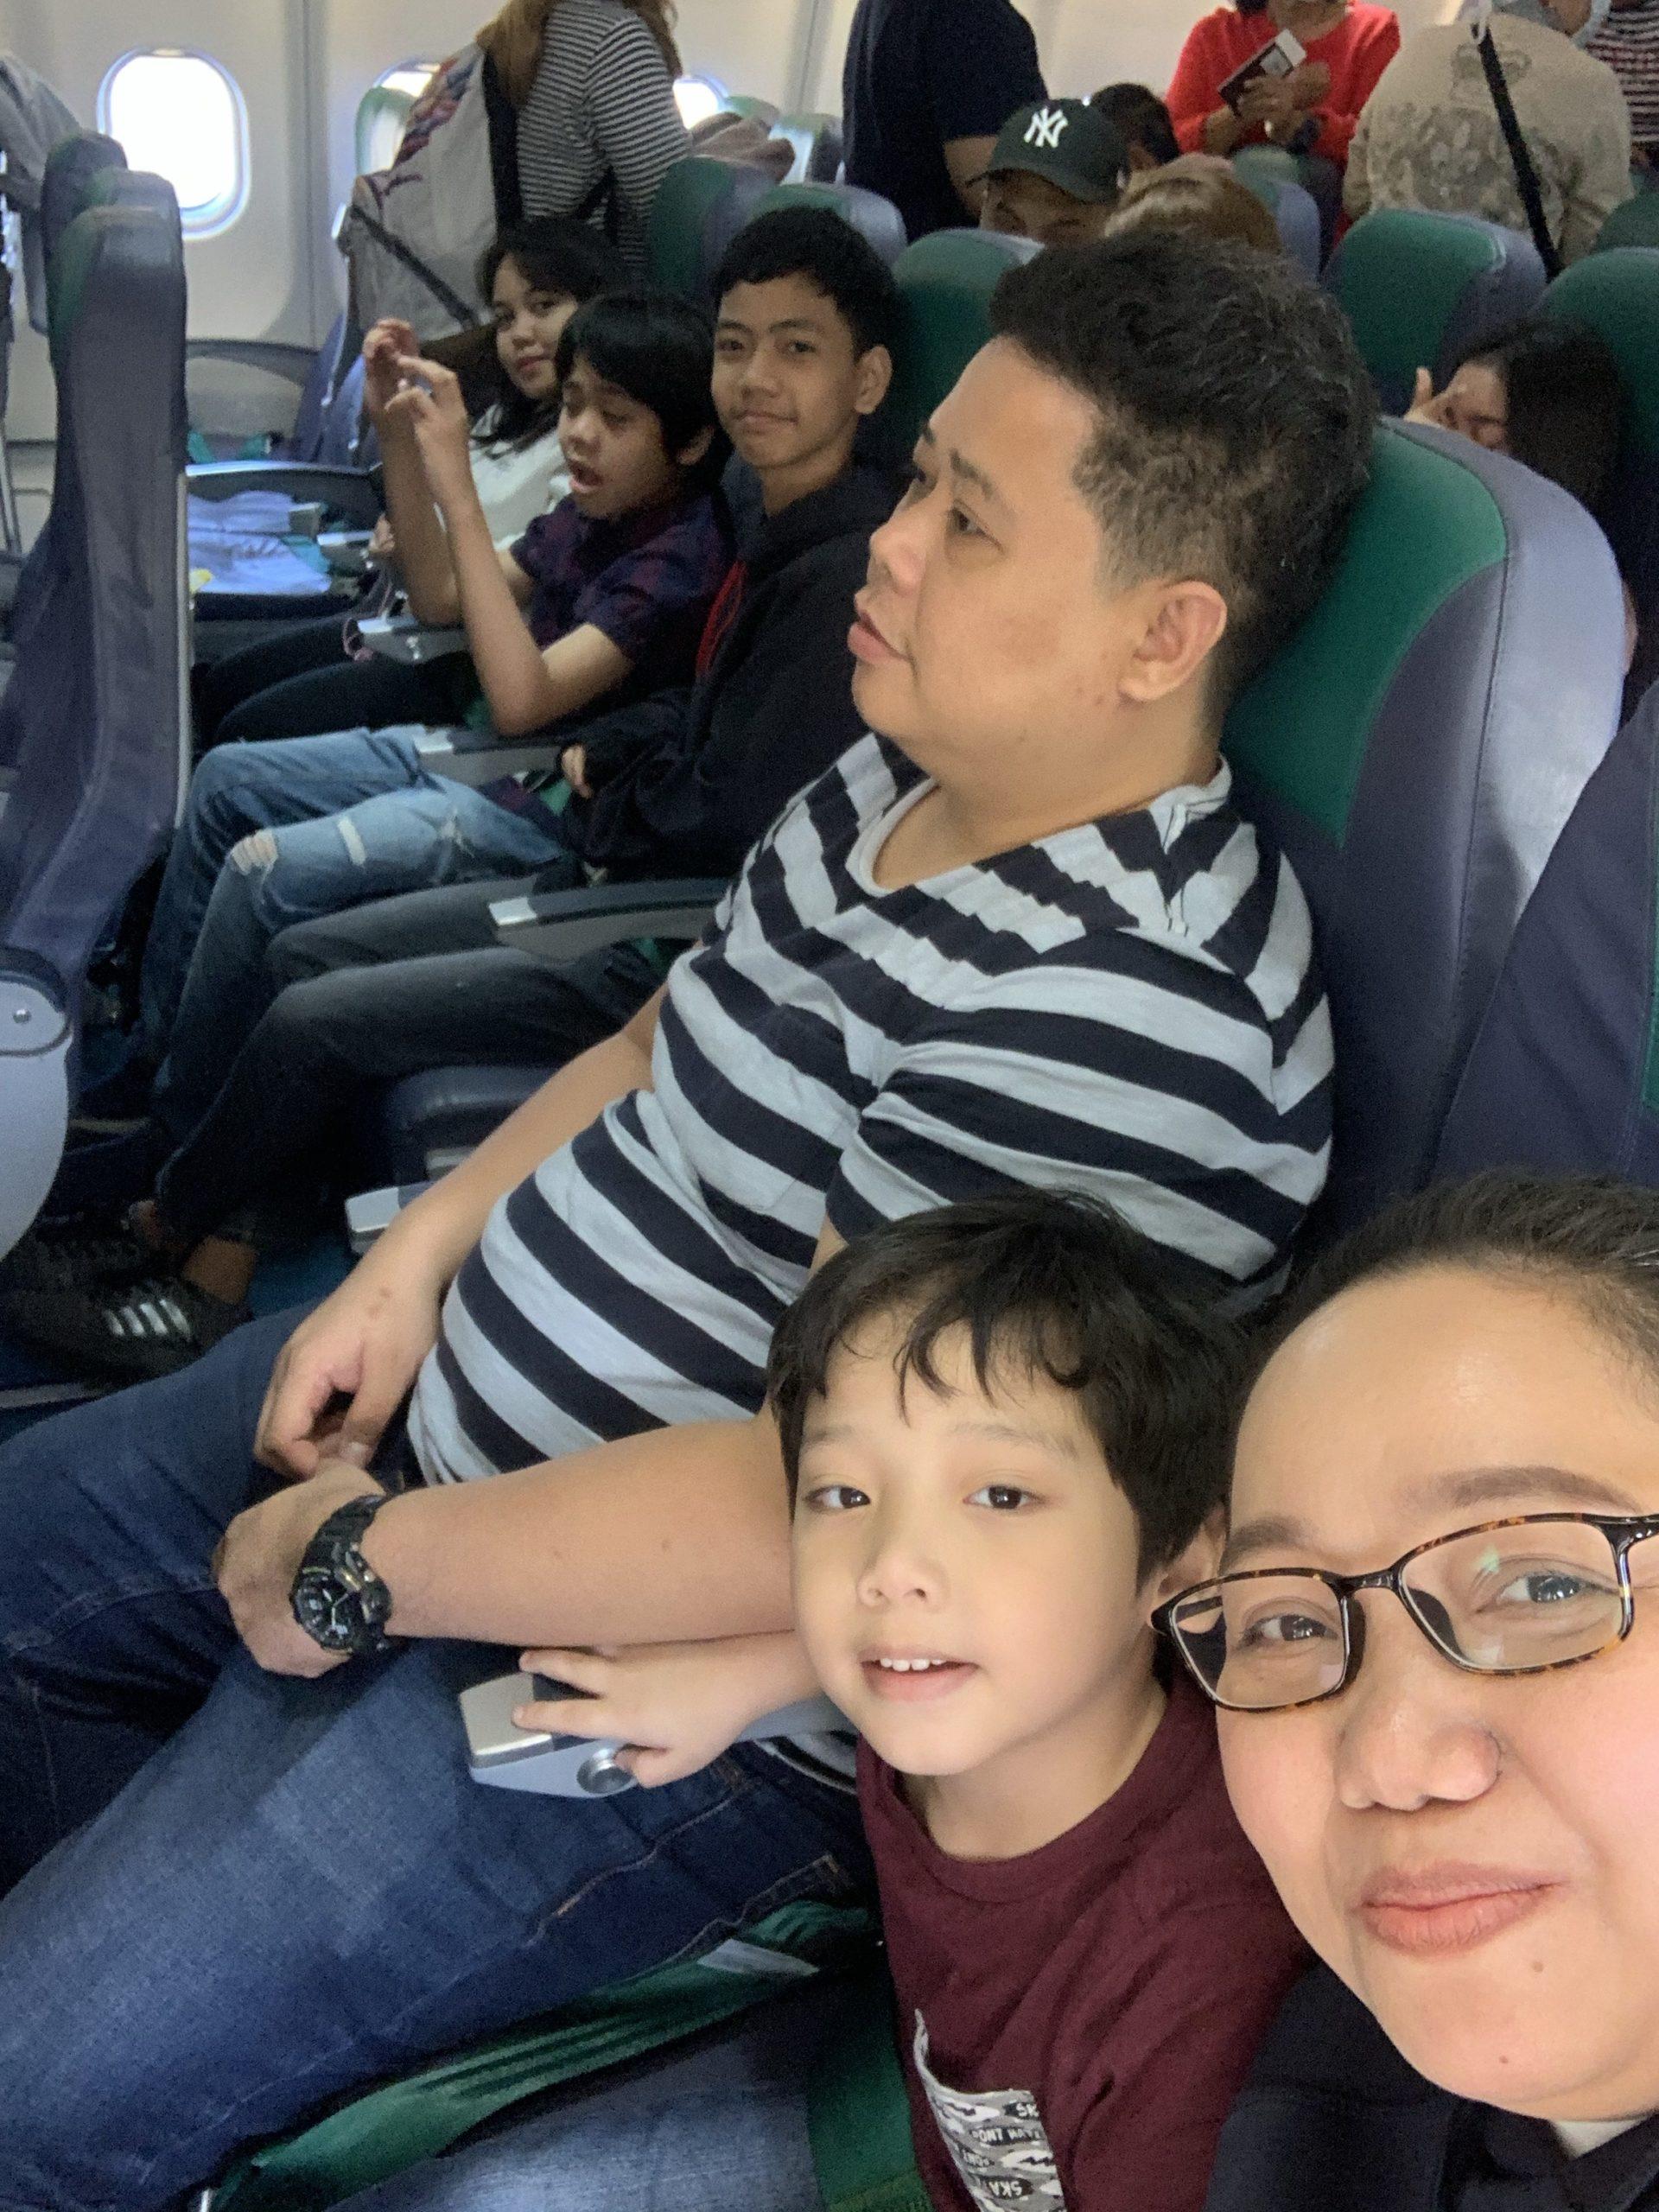 Off to South Korea